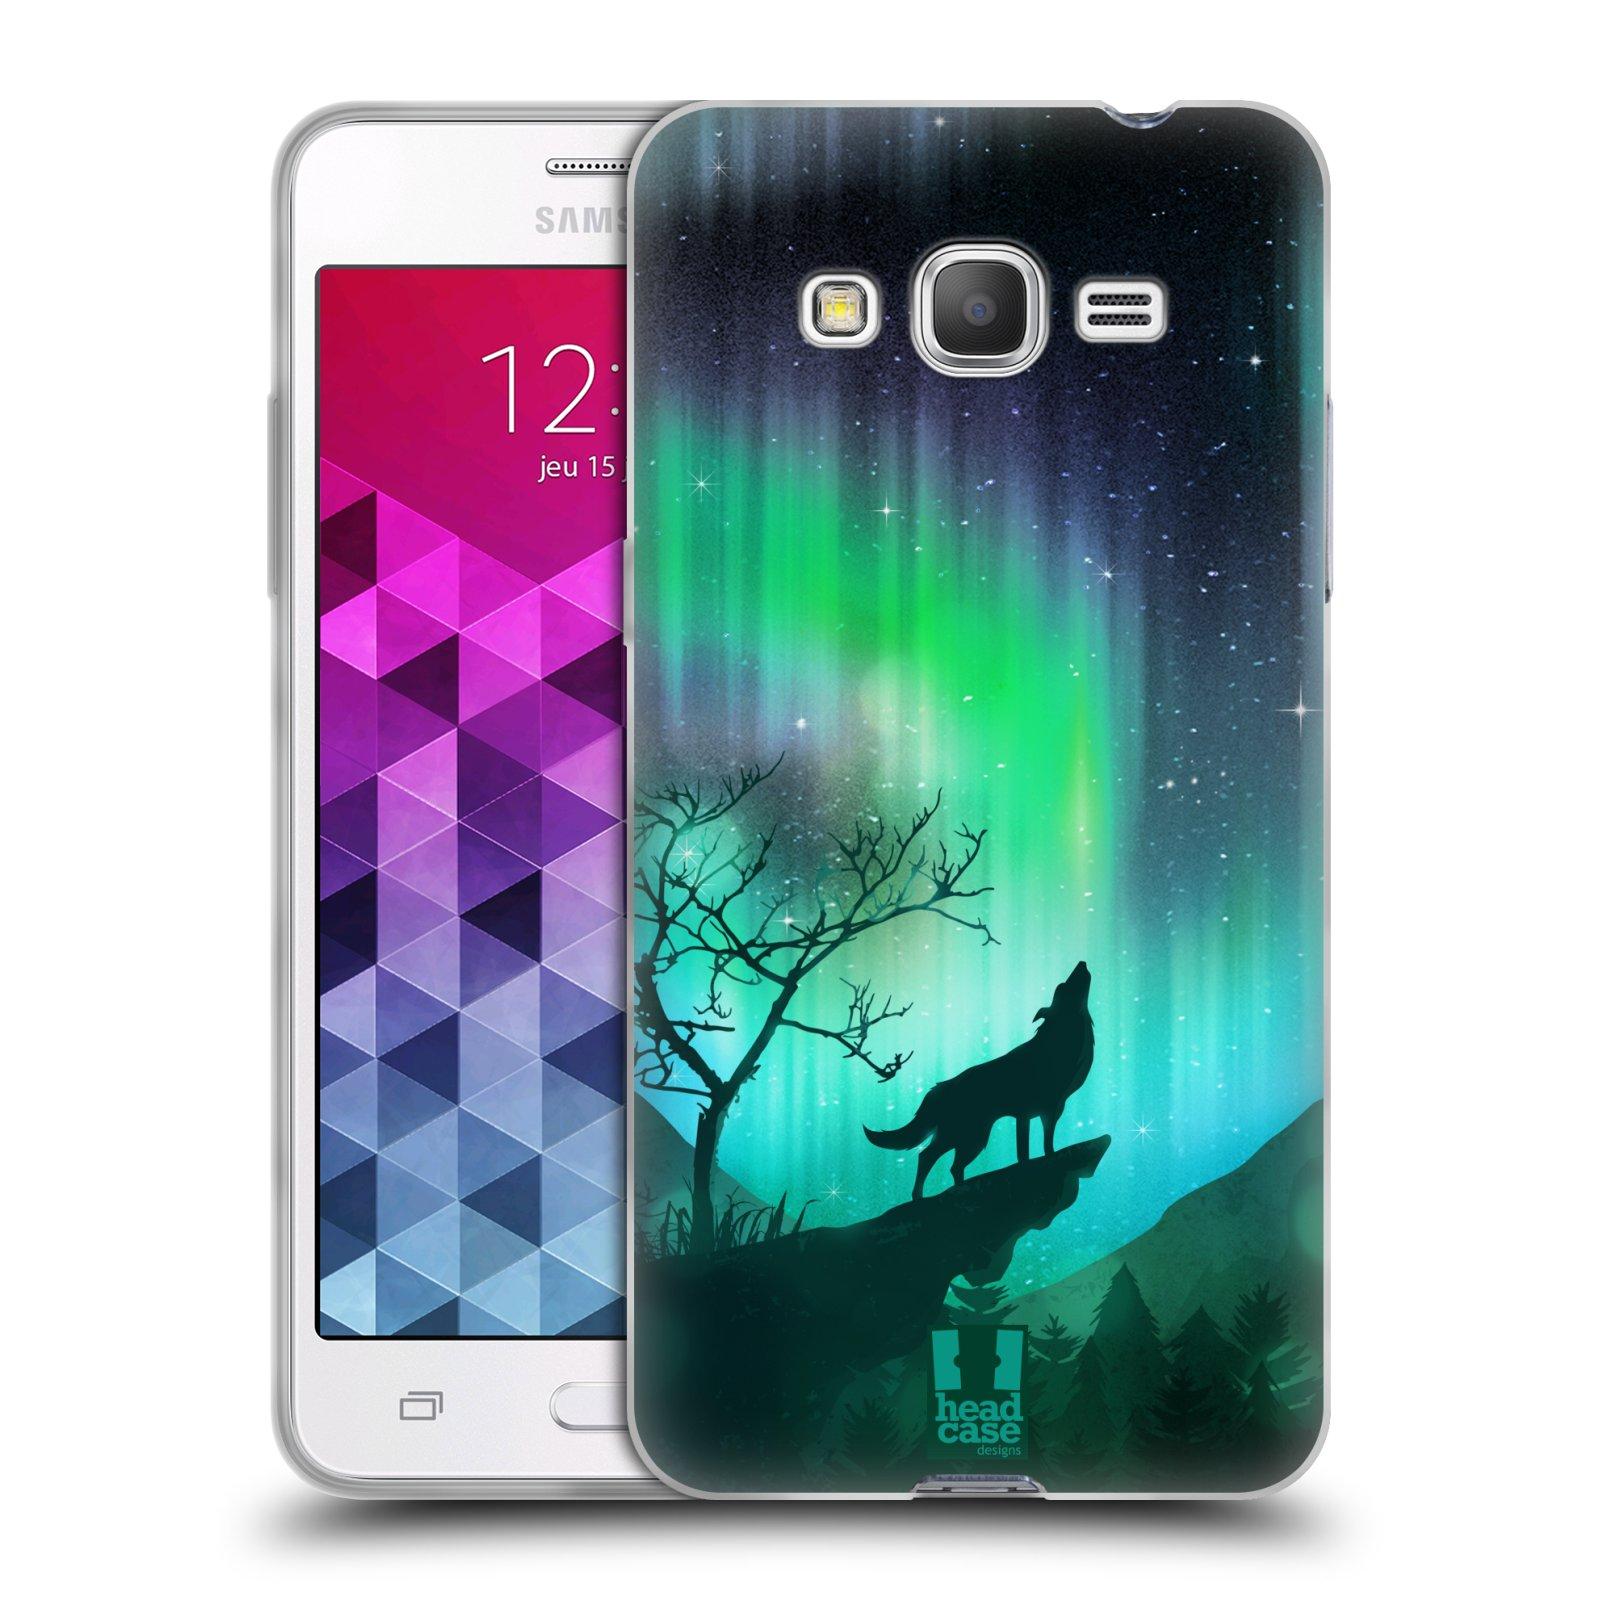 HEAD CASE silikonový obal na mobil Samsung Galaxy GRAND PRIME VE vzor  Severní polární záře VYJÍCÍ VLK ZELENÁ 2a8cce331a1